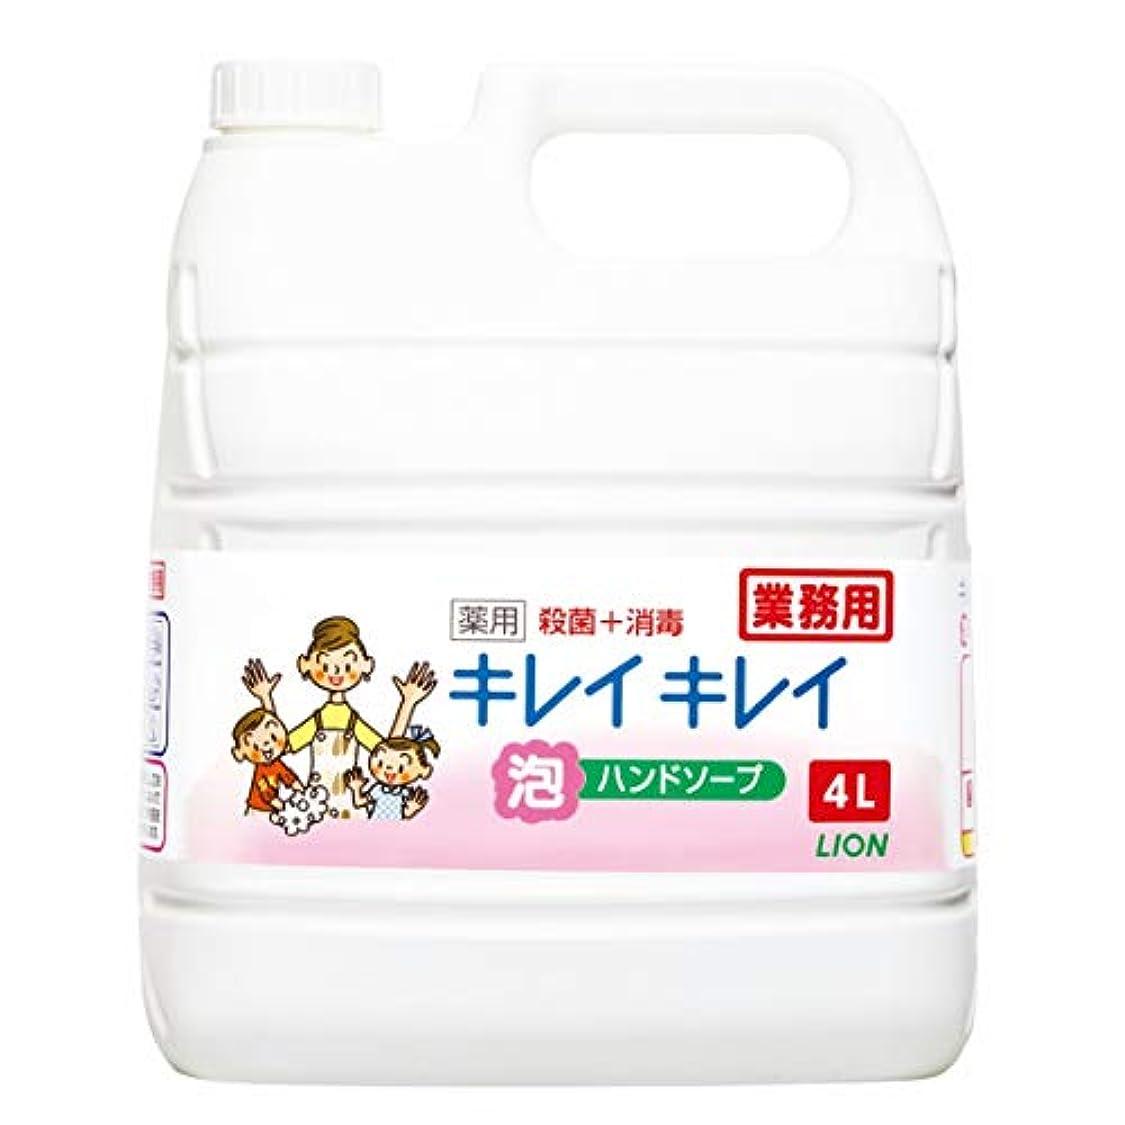 布有害所得【業務用 大容量】キレイキレイ 薬用 泡ハンドソープ シトラスフルーティの香り 液体 単品 4L(医薬部外品)